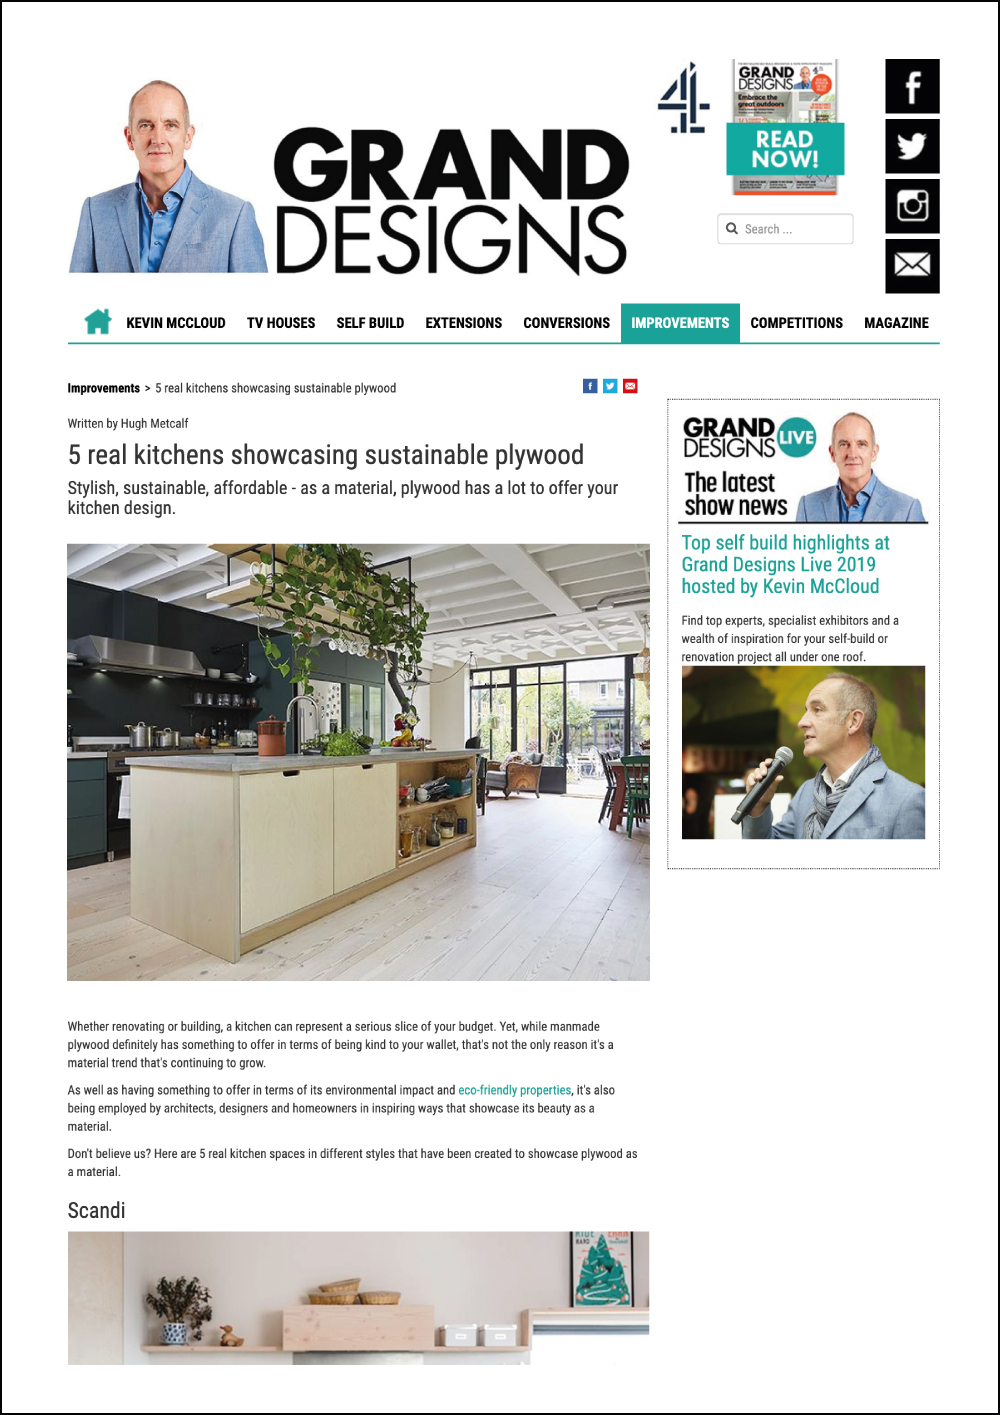 Grand Designs Online